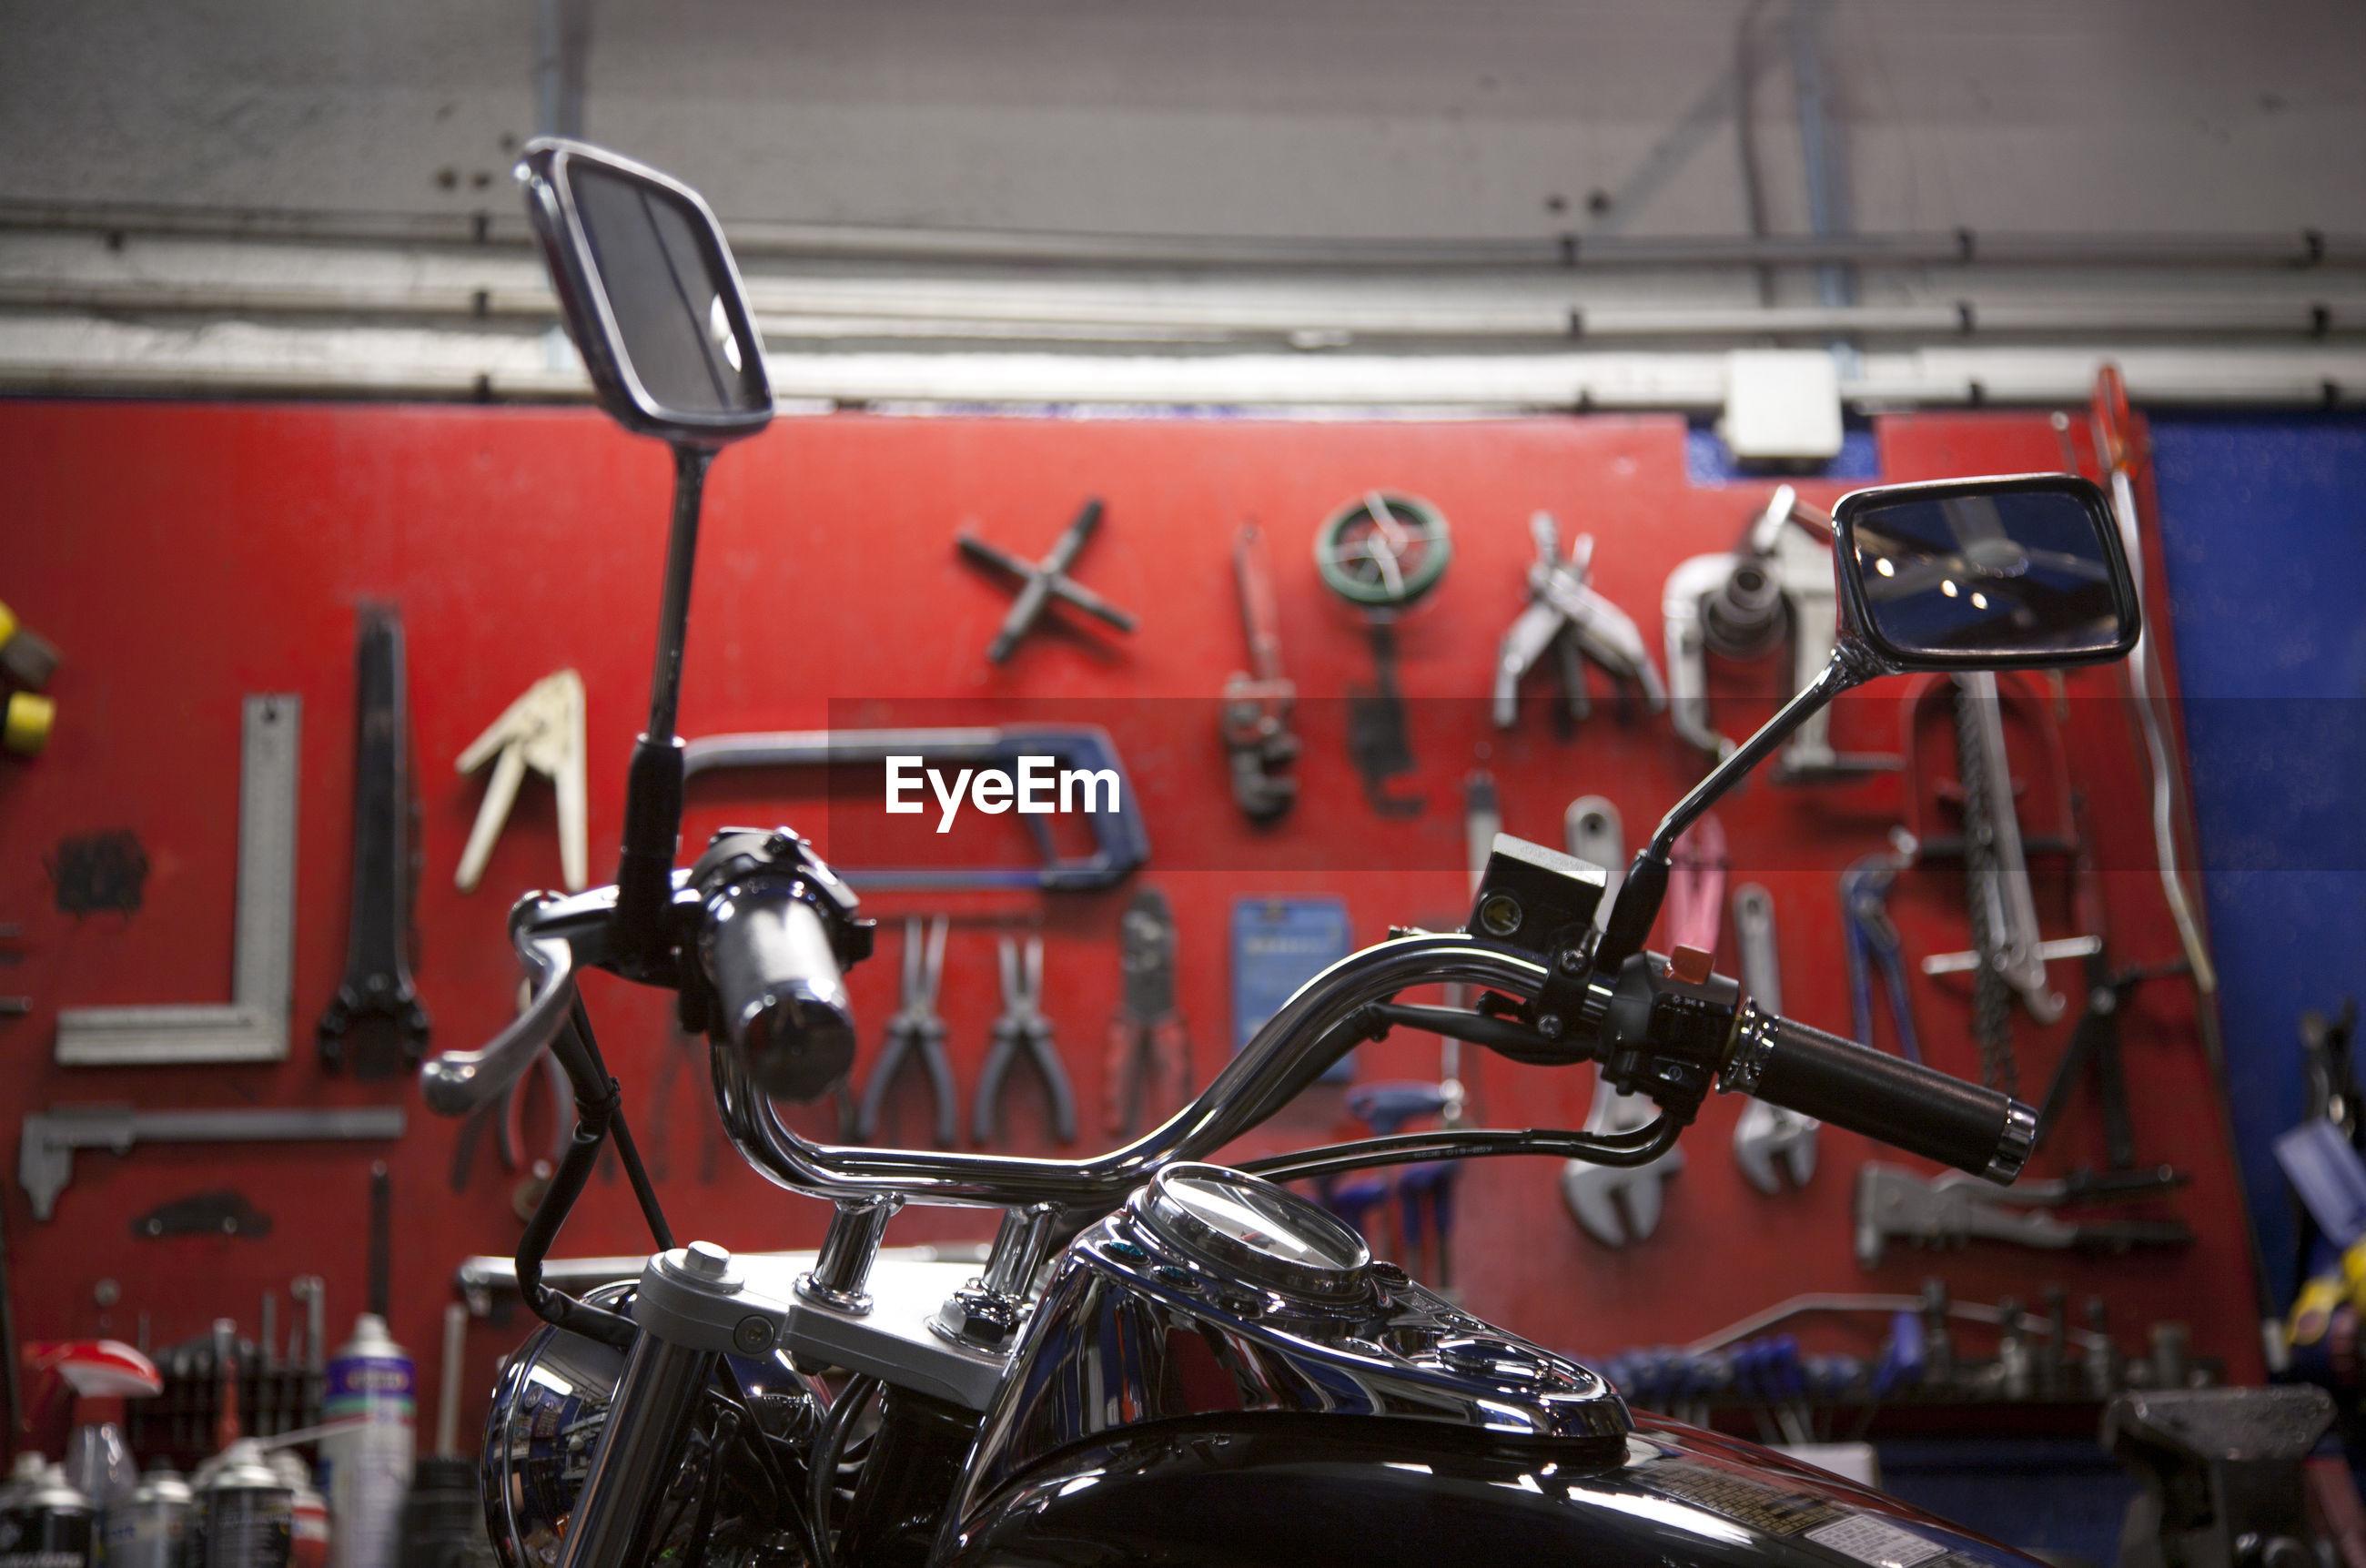 Bikers world, bikers garage, repair tools on a red wall and motorcycle , repairing workshop